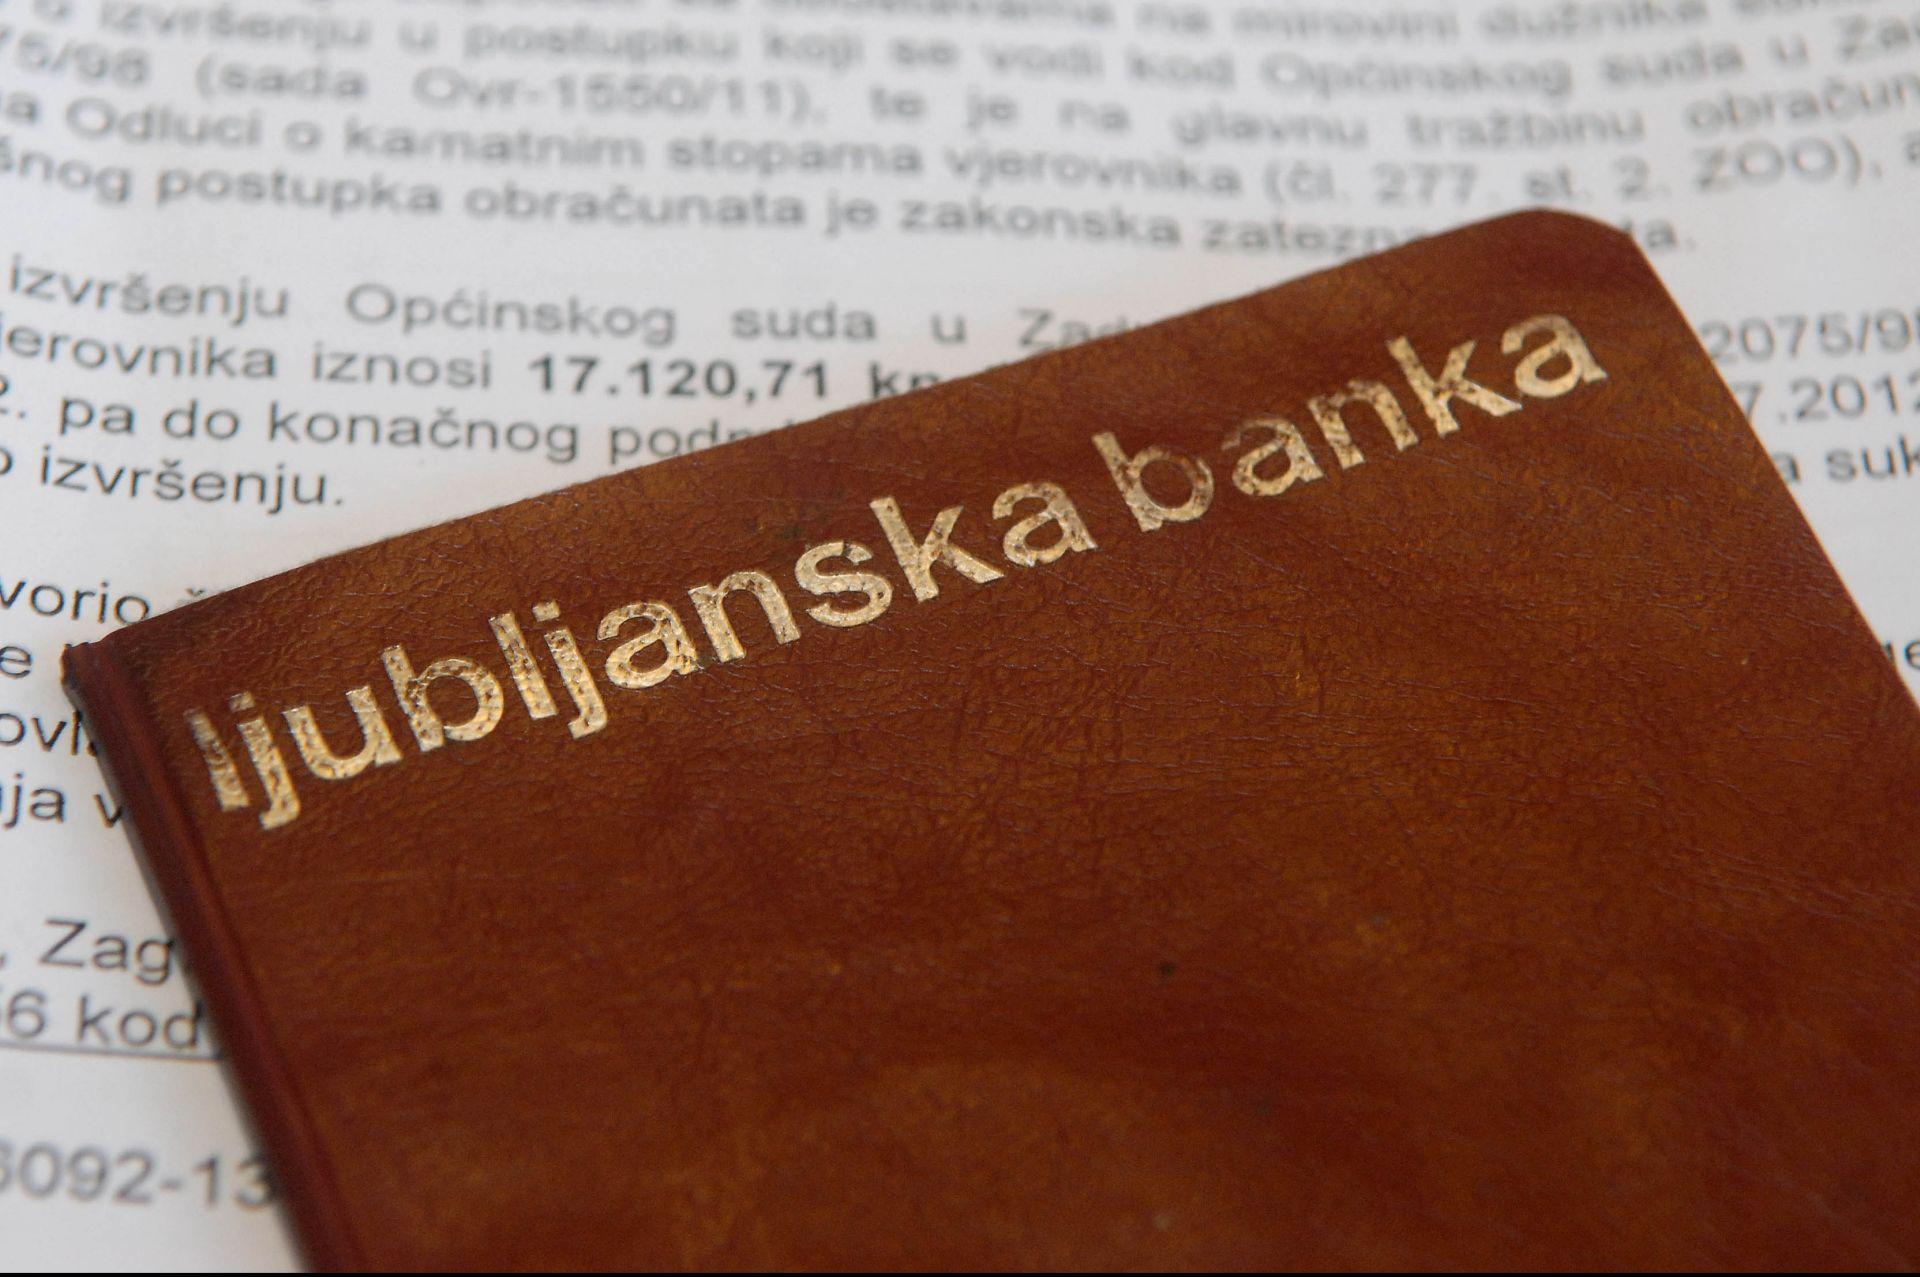 LJUBLJANSKA BANKA: Jedan od motiva tužbe protiv Hrvatske možda je i traženje nagodbe